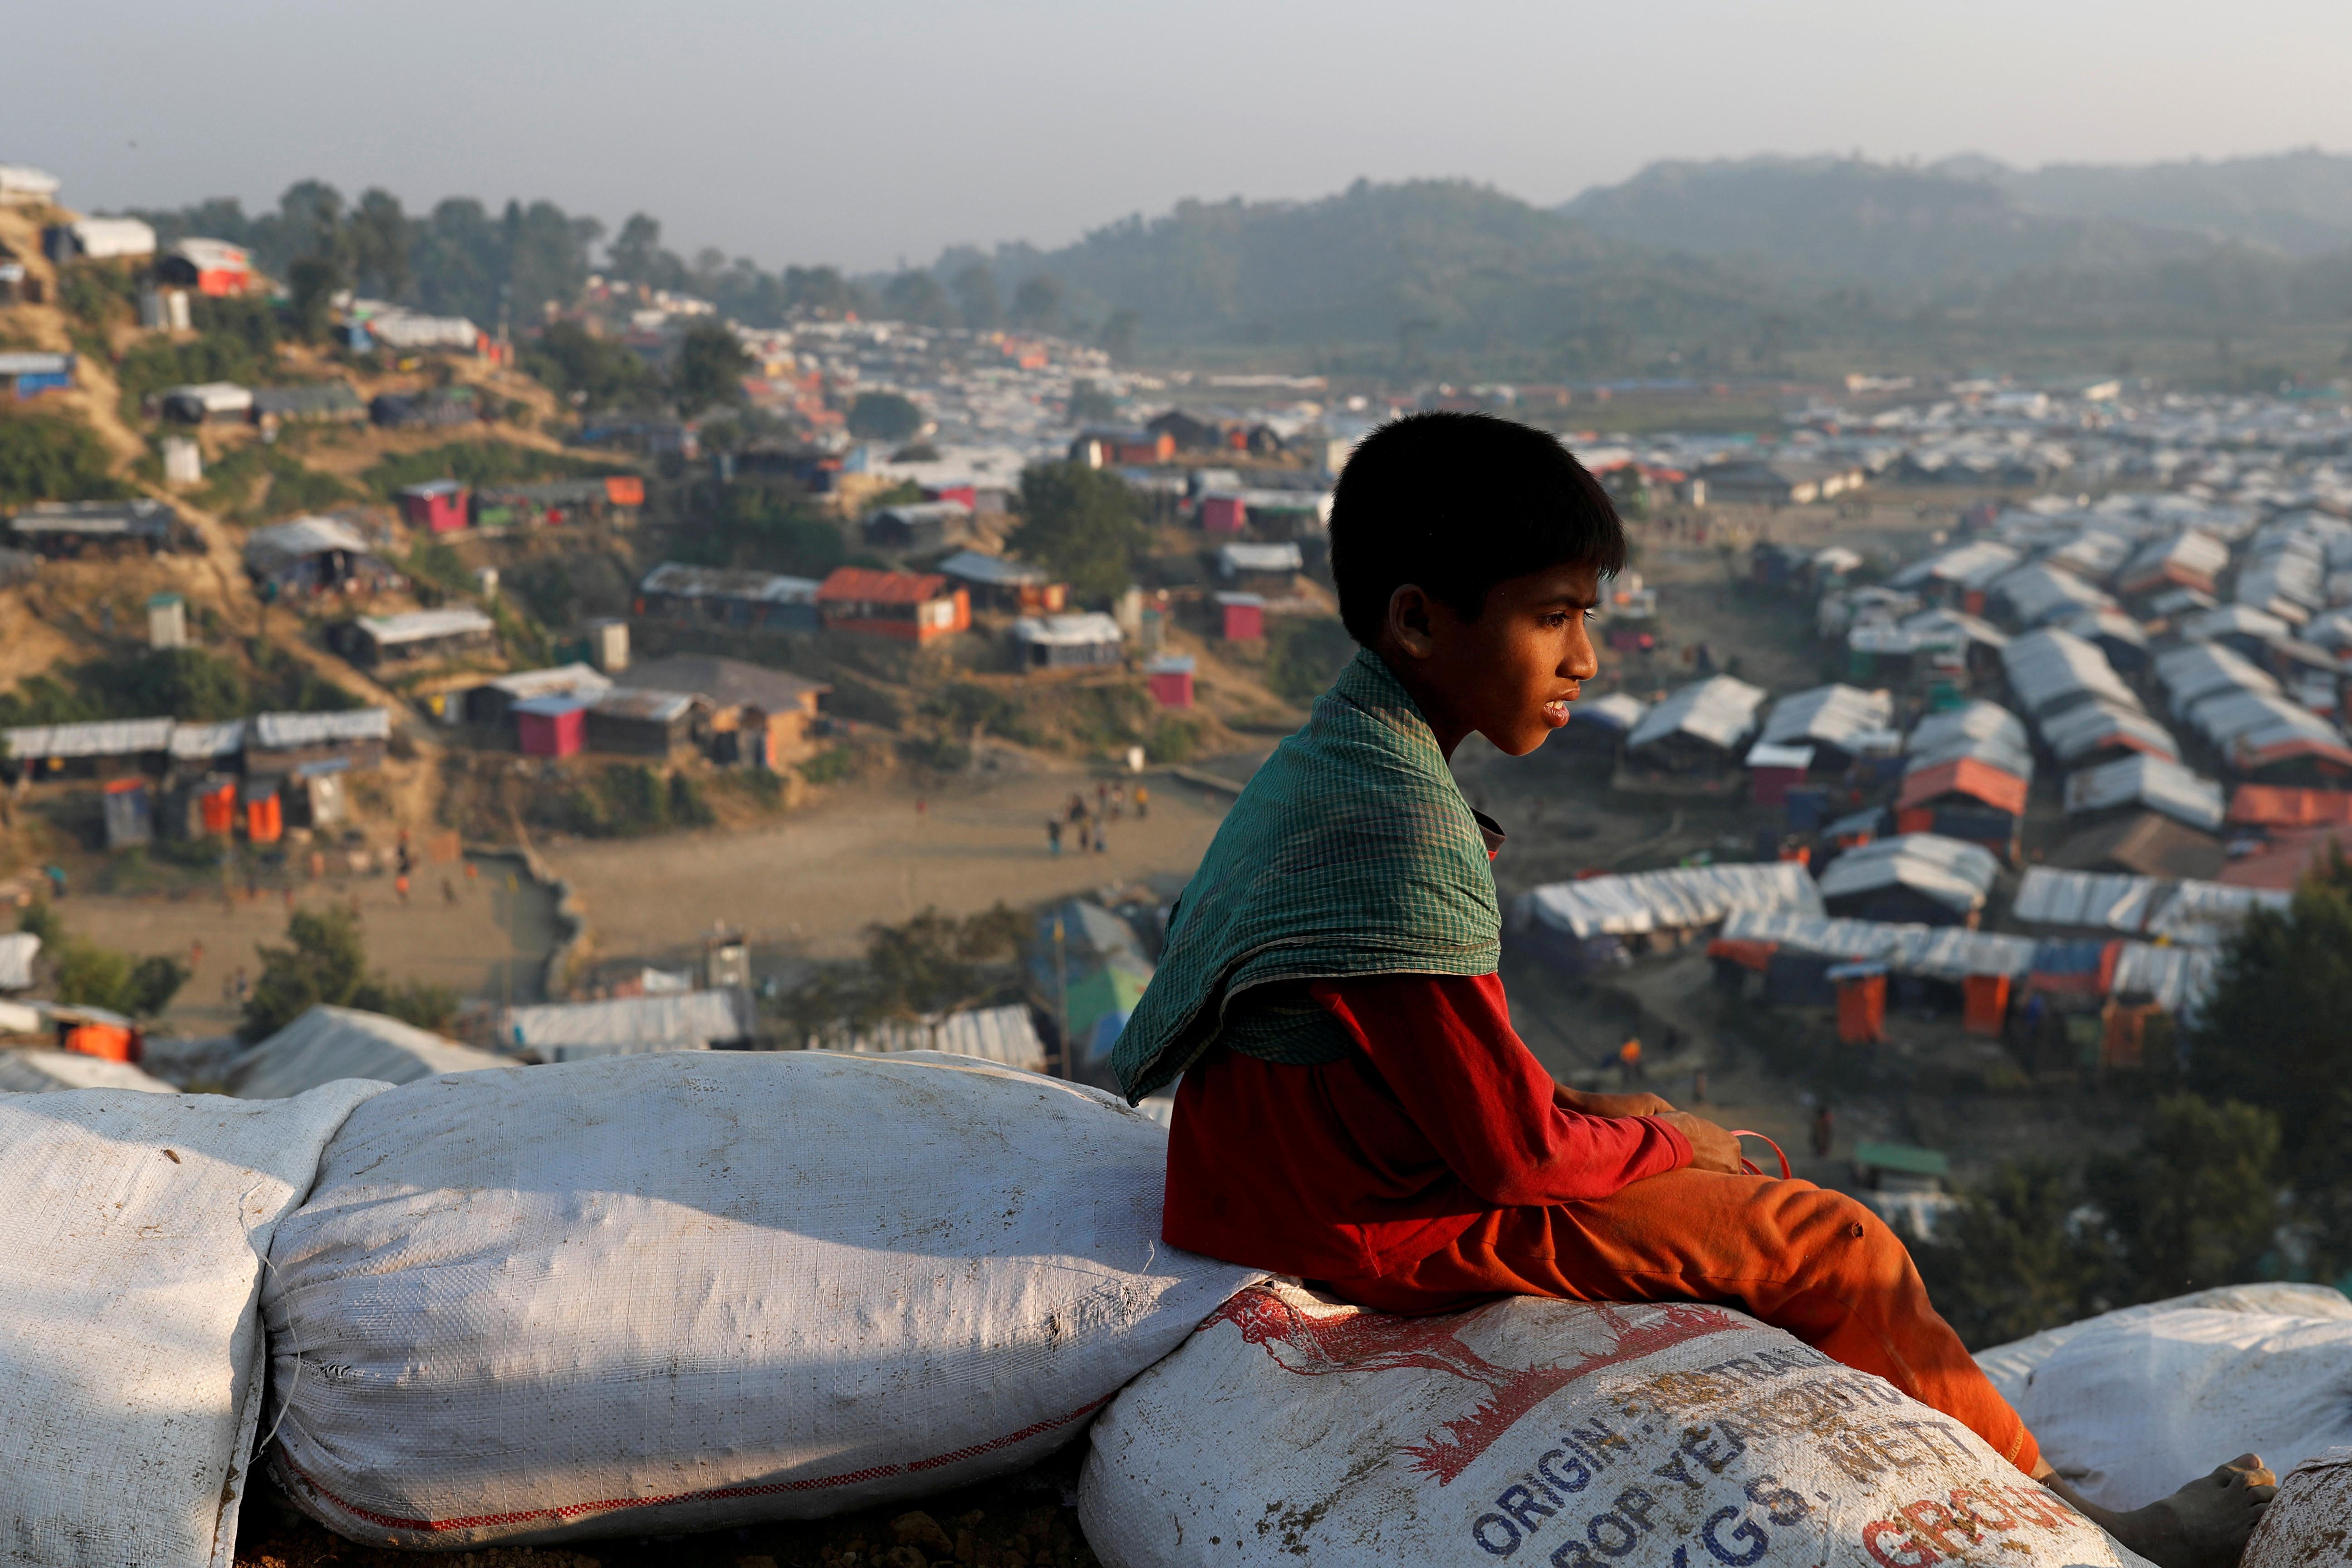 A Rohingya child at Unchiparang refugee camp, Bangladesh